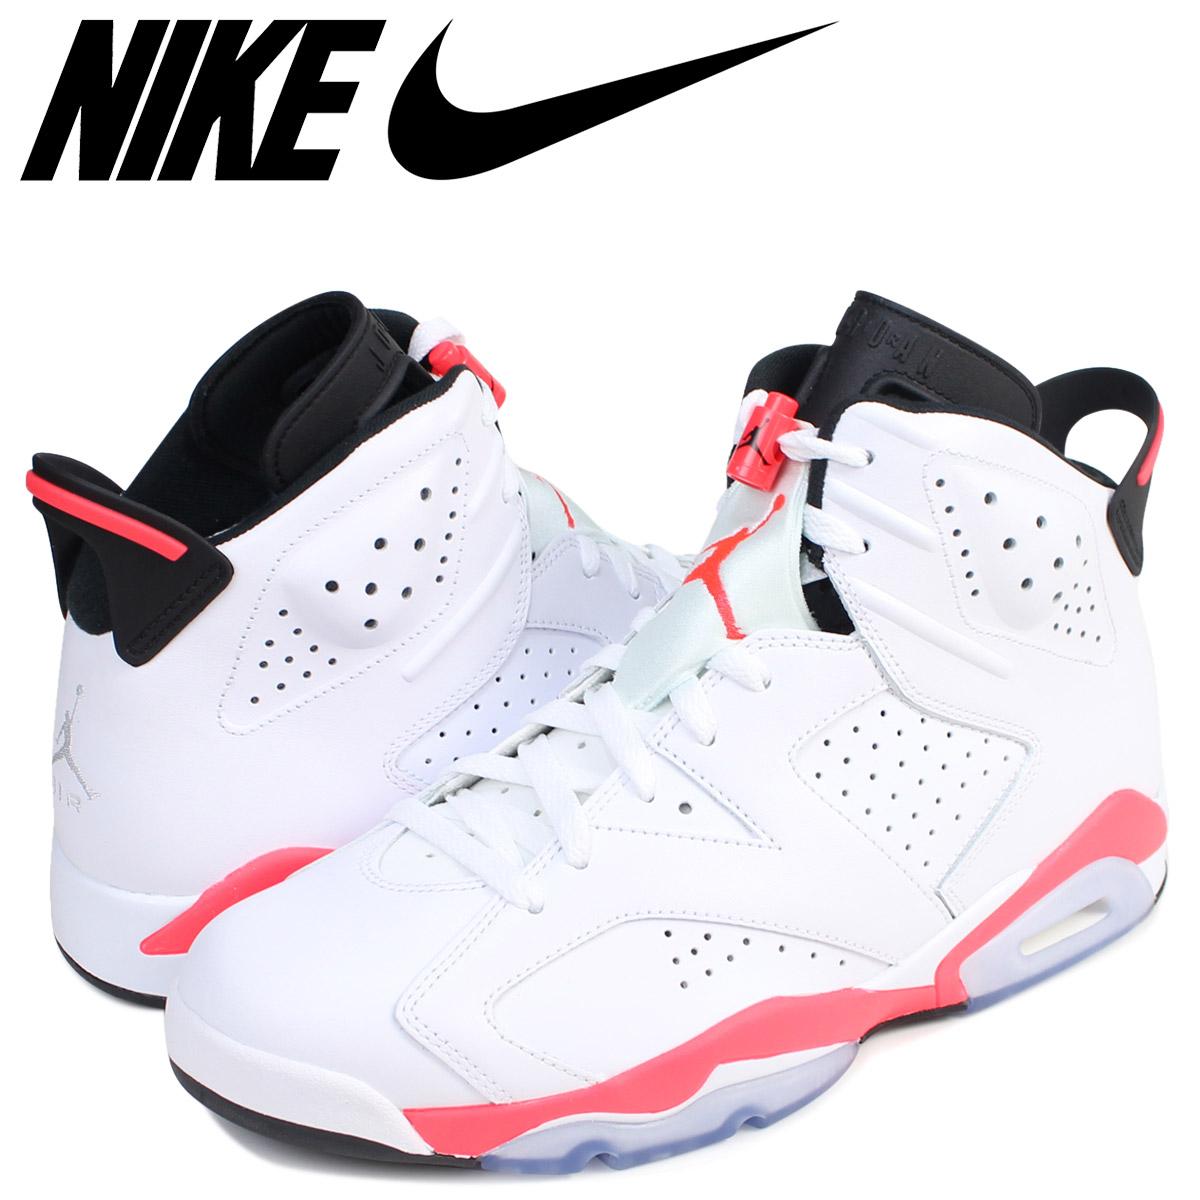 d6cd5ef2472 Nike NIKE Air Jordan 6 nostalgic sneakers AIR JORDAN 6 RETRO INFRARED men  384,664-123 ...